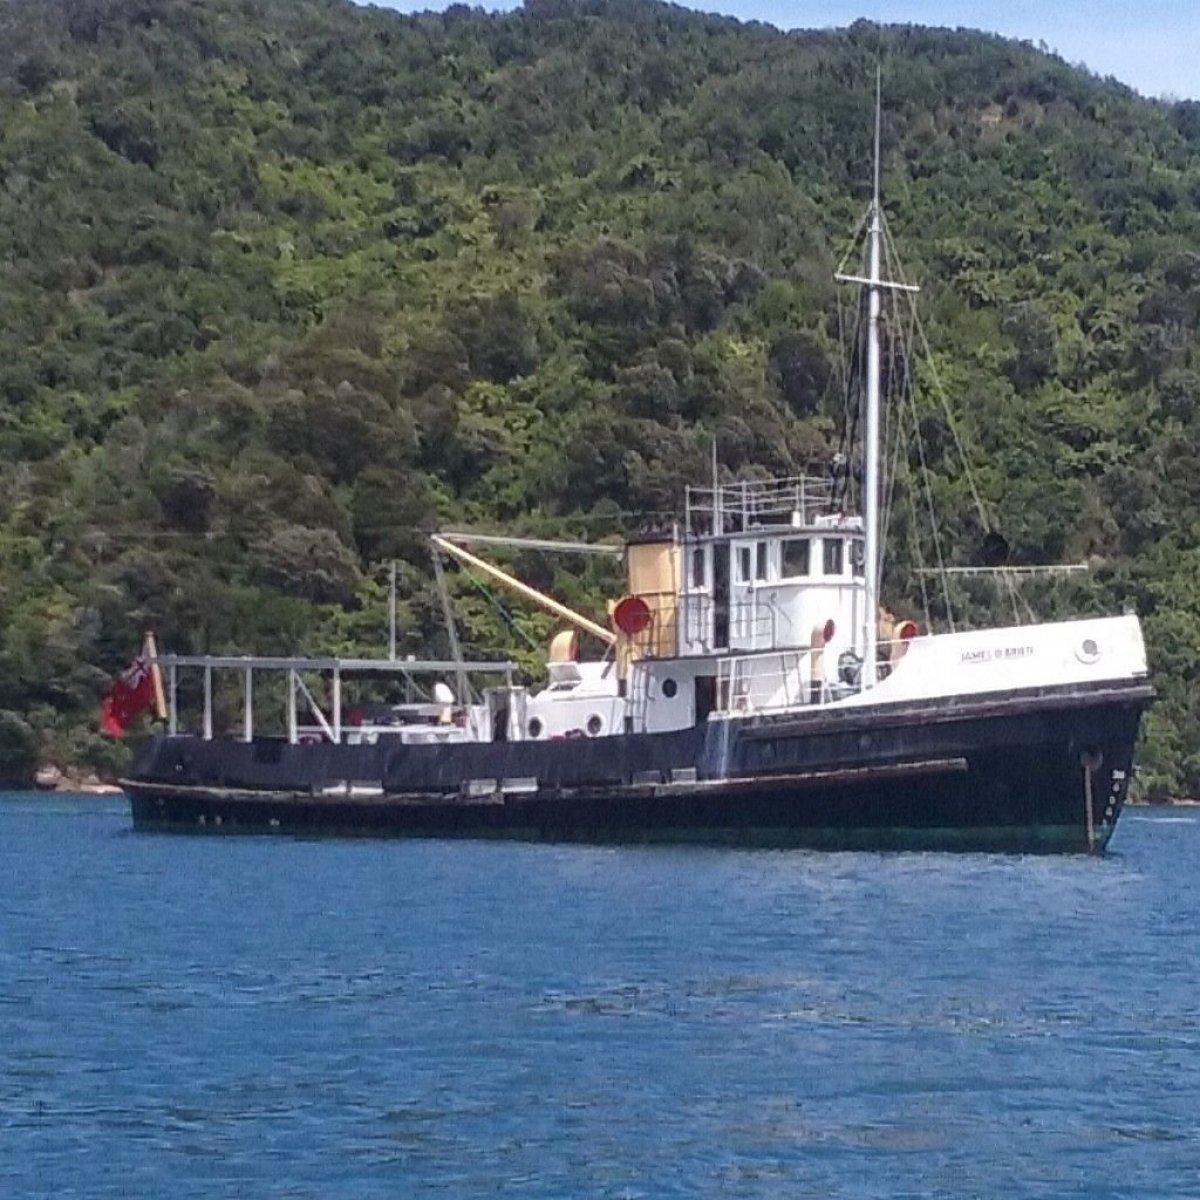 Tug by Steel Ships Ltd